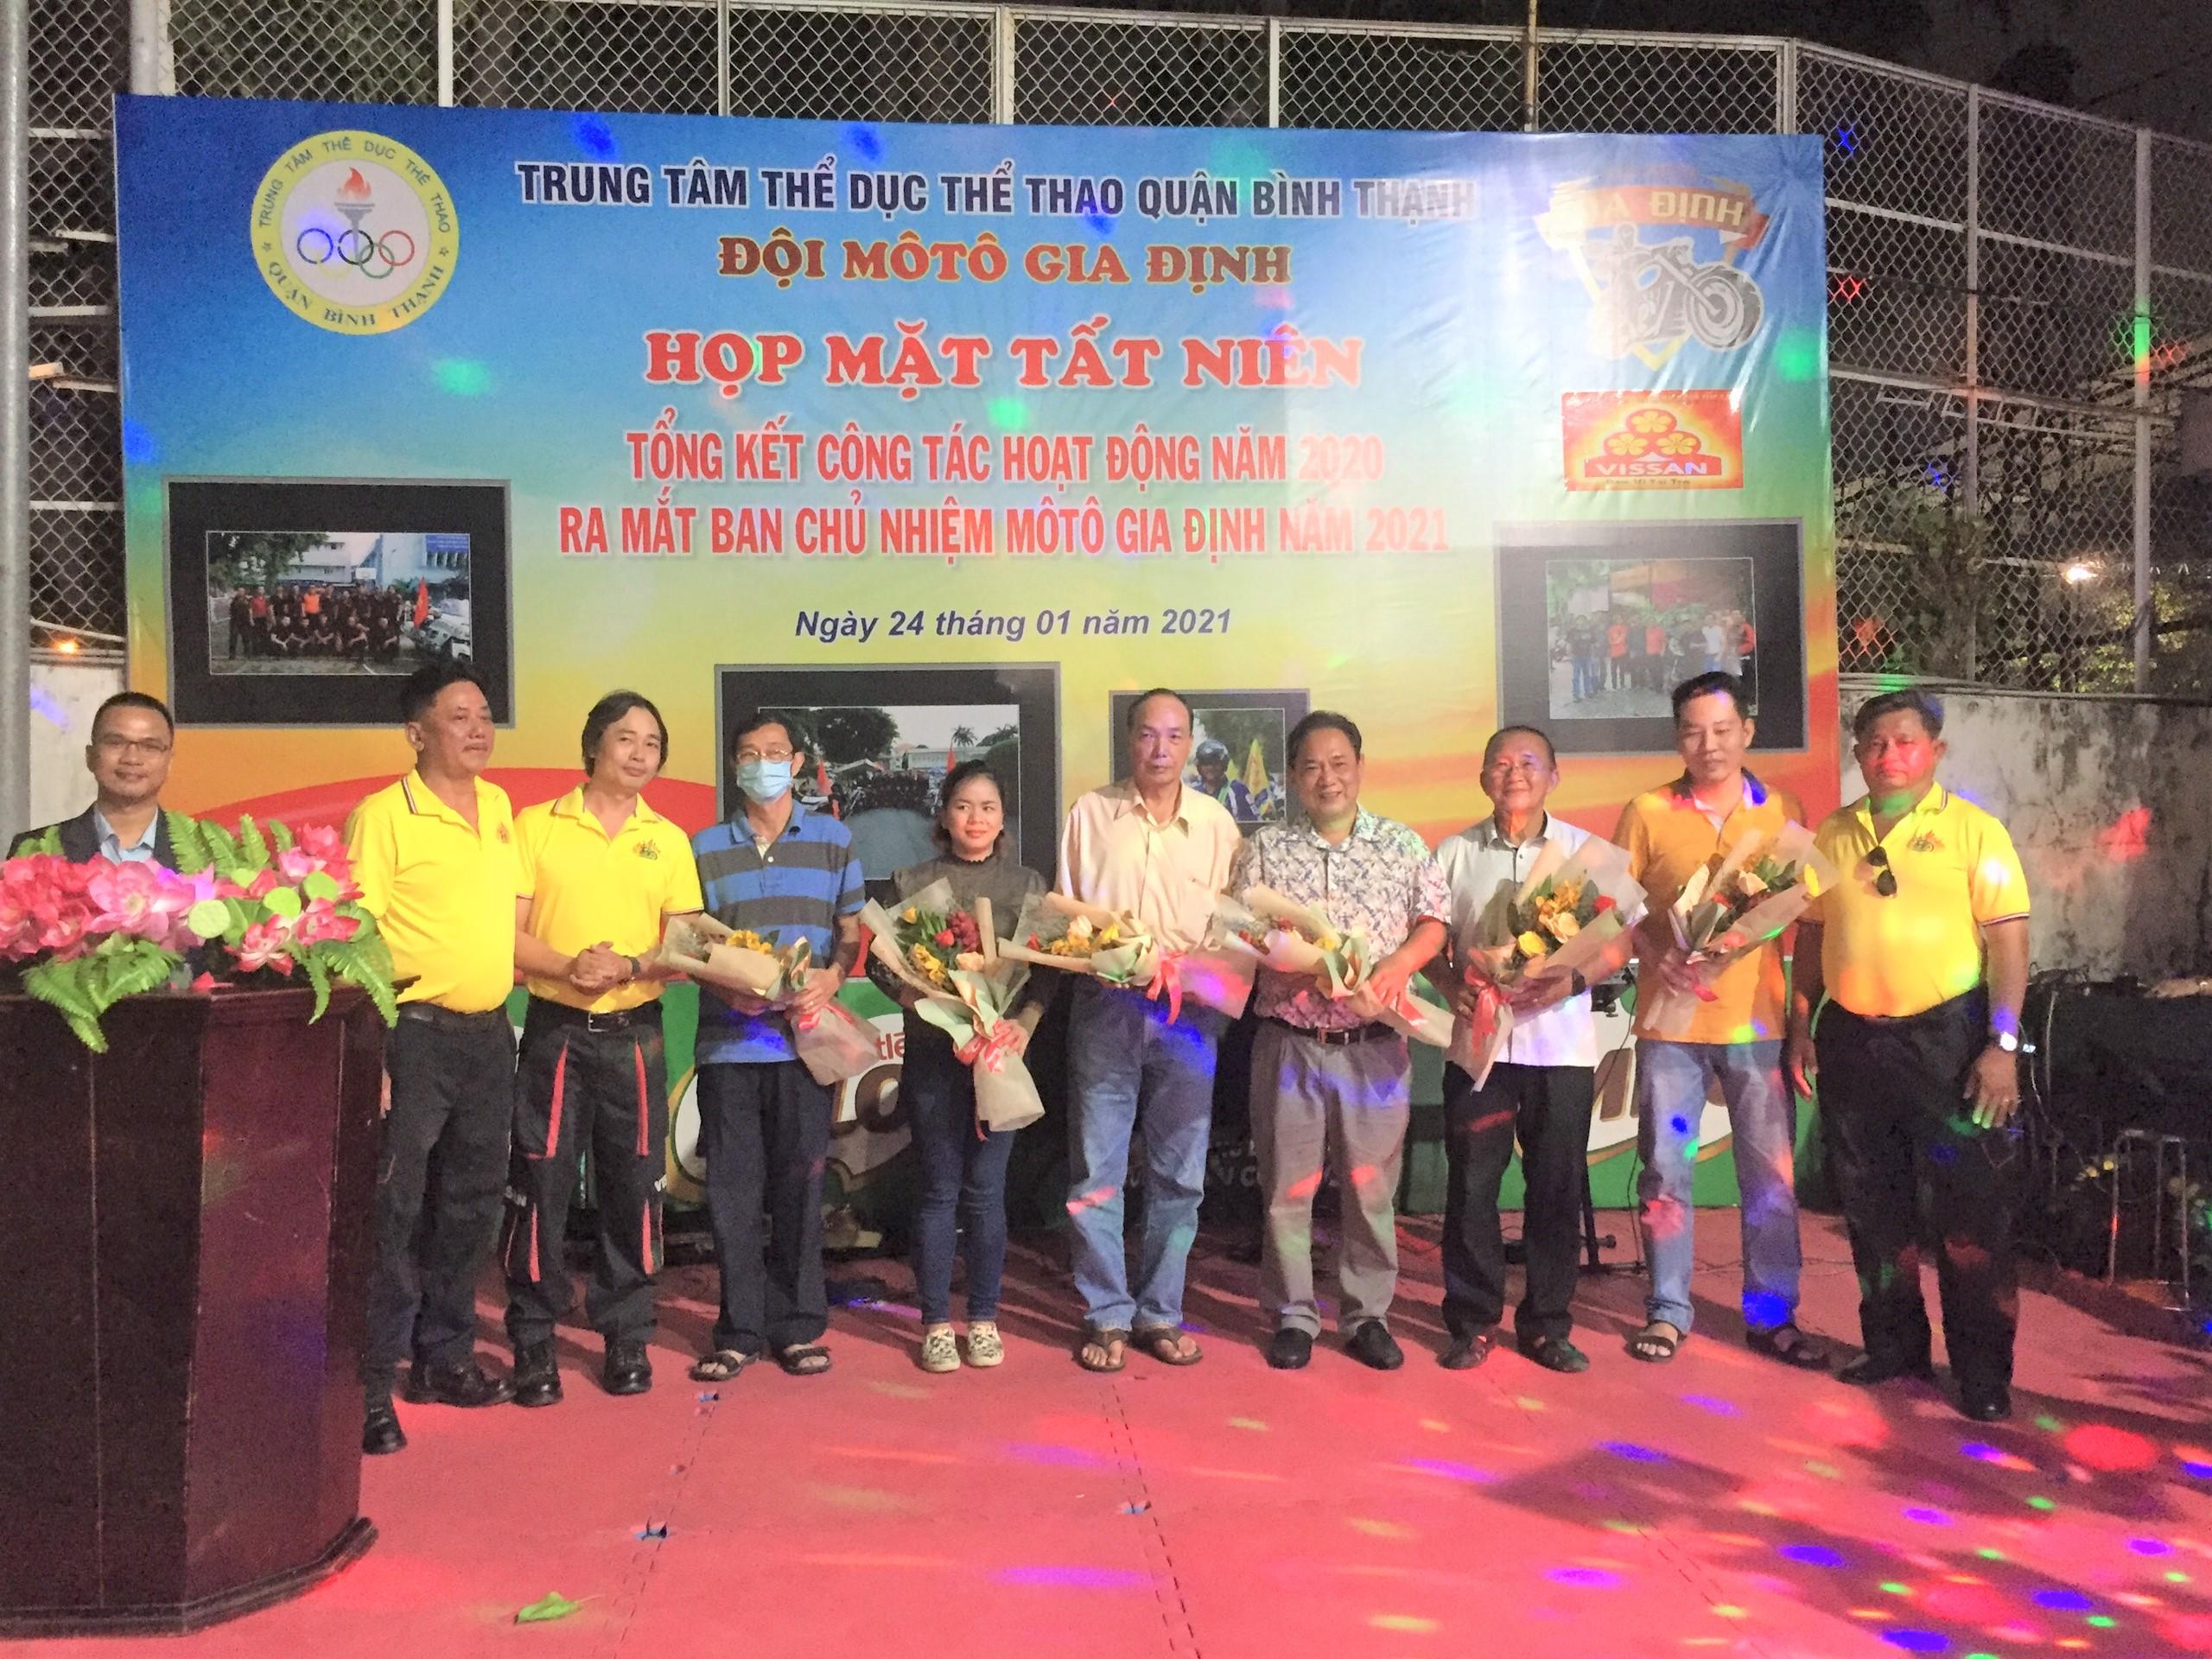 Hình ảnh: CLB Moto Gia Định Quận Bình Thạnh ra mắt Ban chủ nhiệm mới số 1